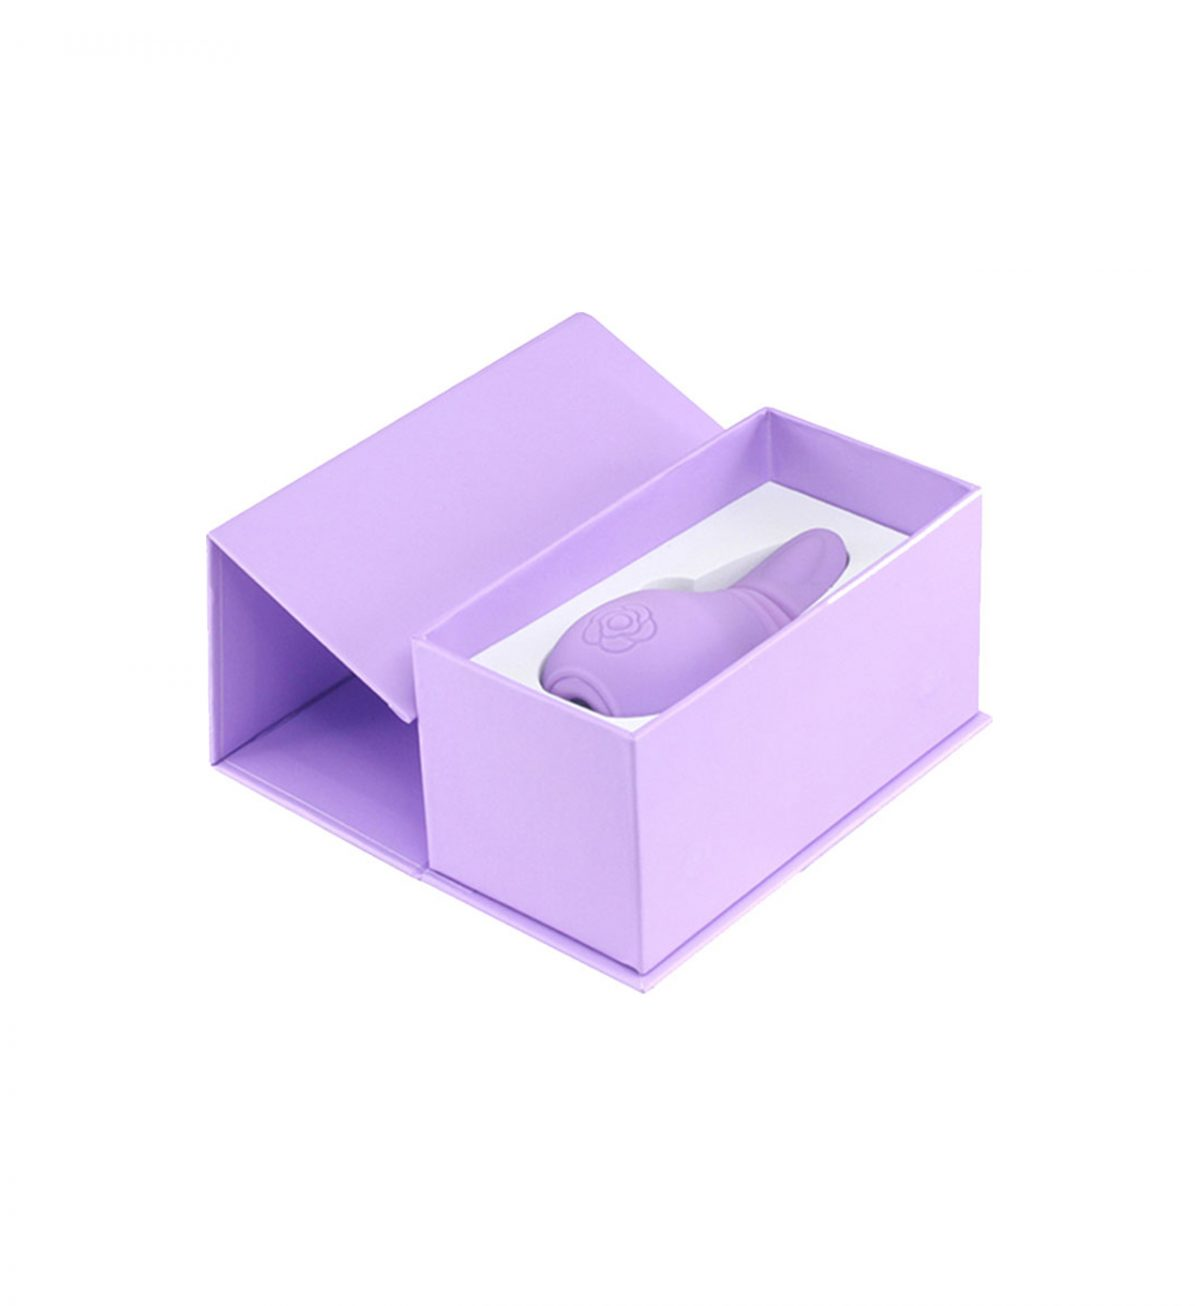 Maro 3 – Lilac - Roterende vibrator - Kawaii